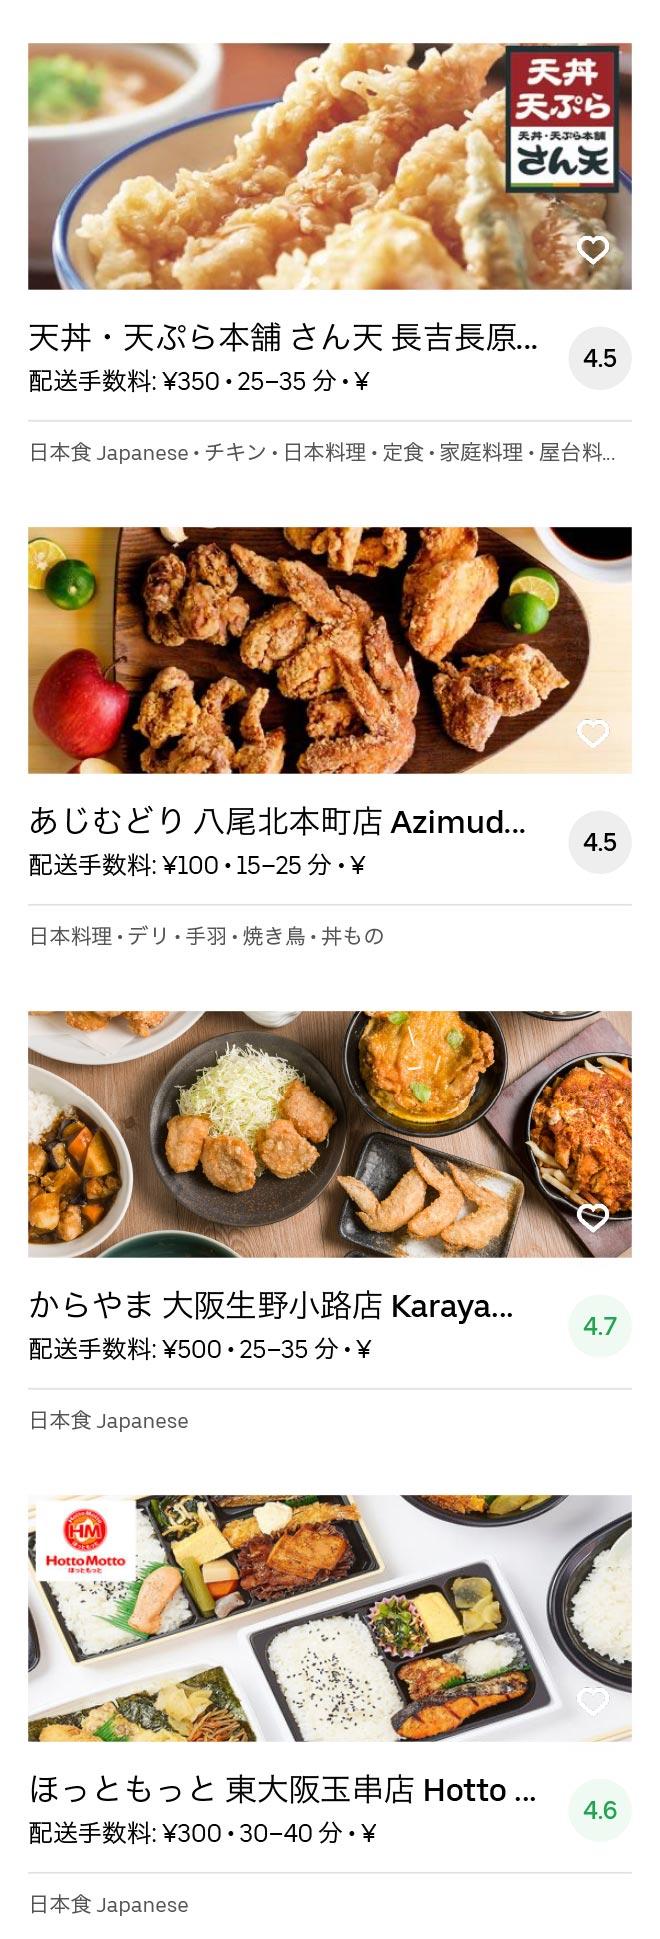 Osaka yao menu 2005 06